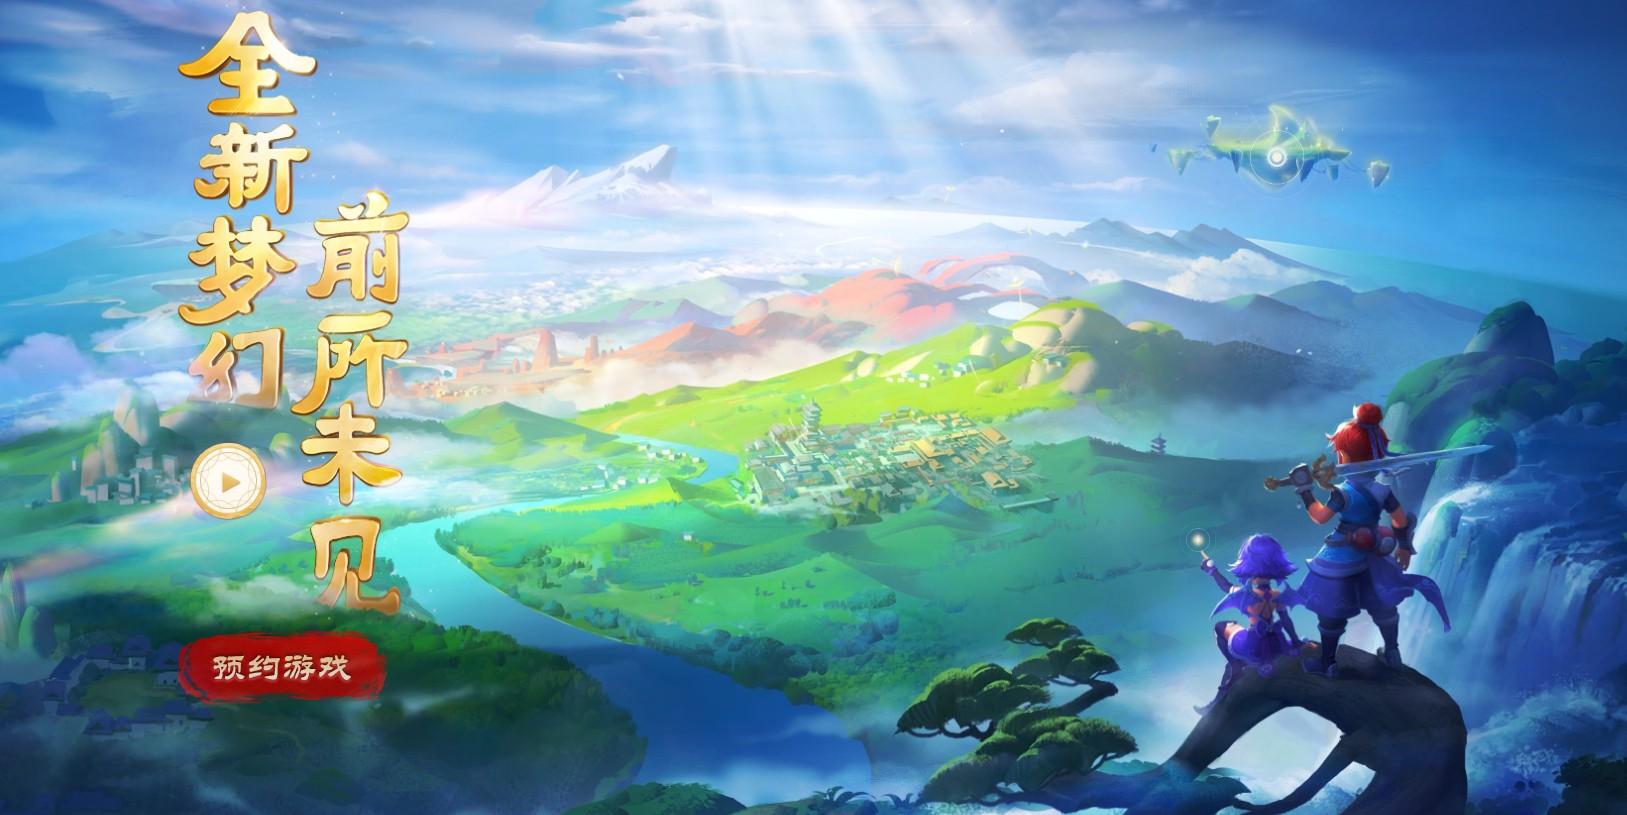 《梦幻西游3D》手游官网地址介绍